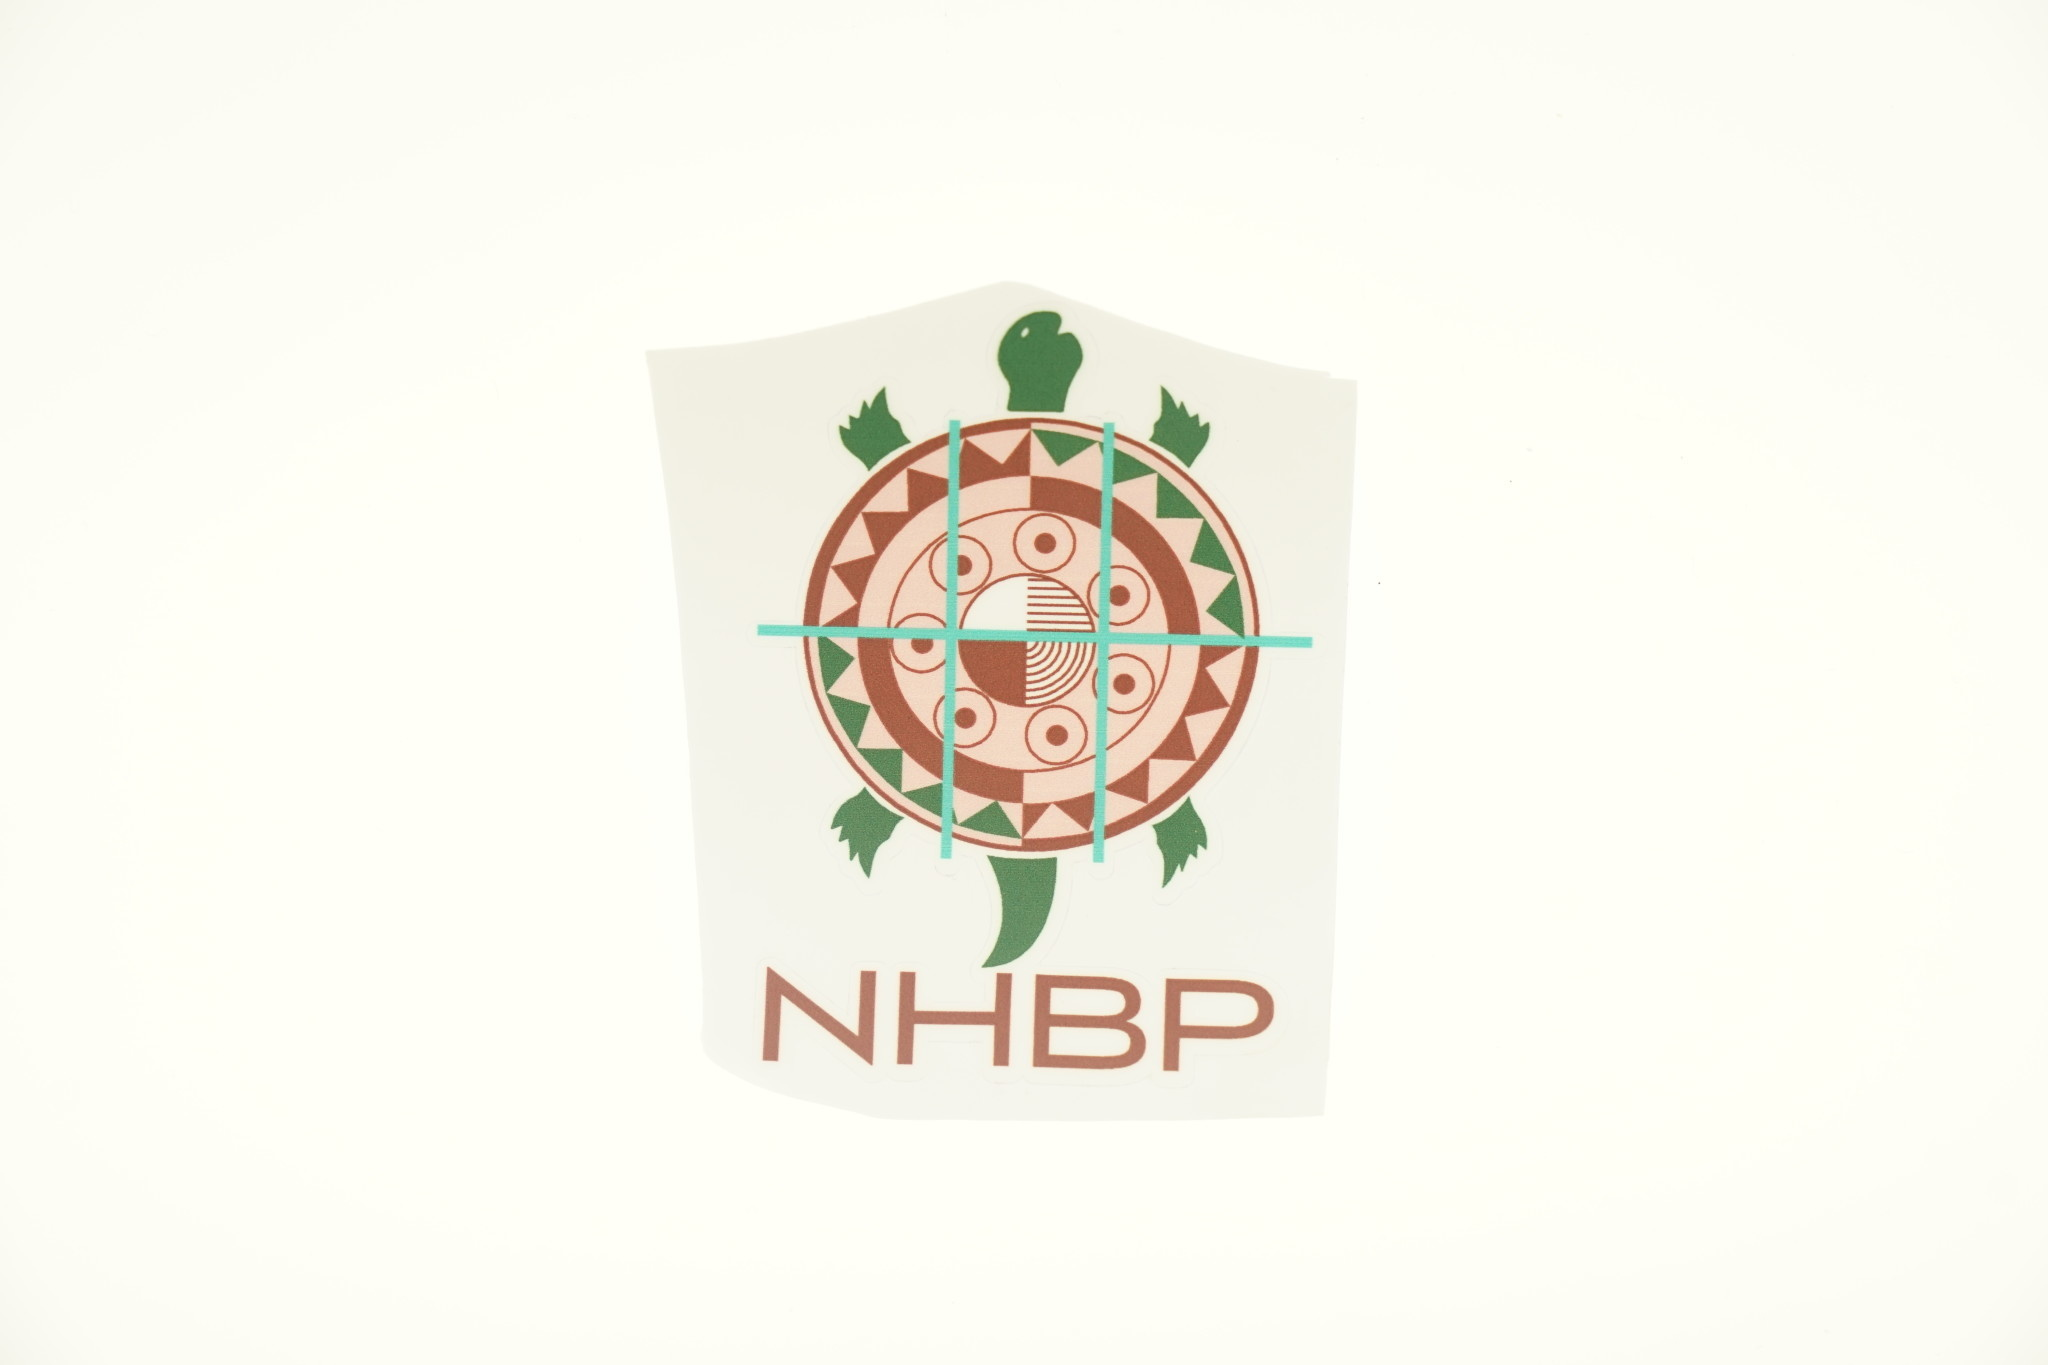 NHBP Vinyl Decal